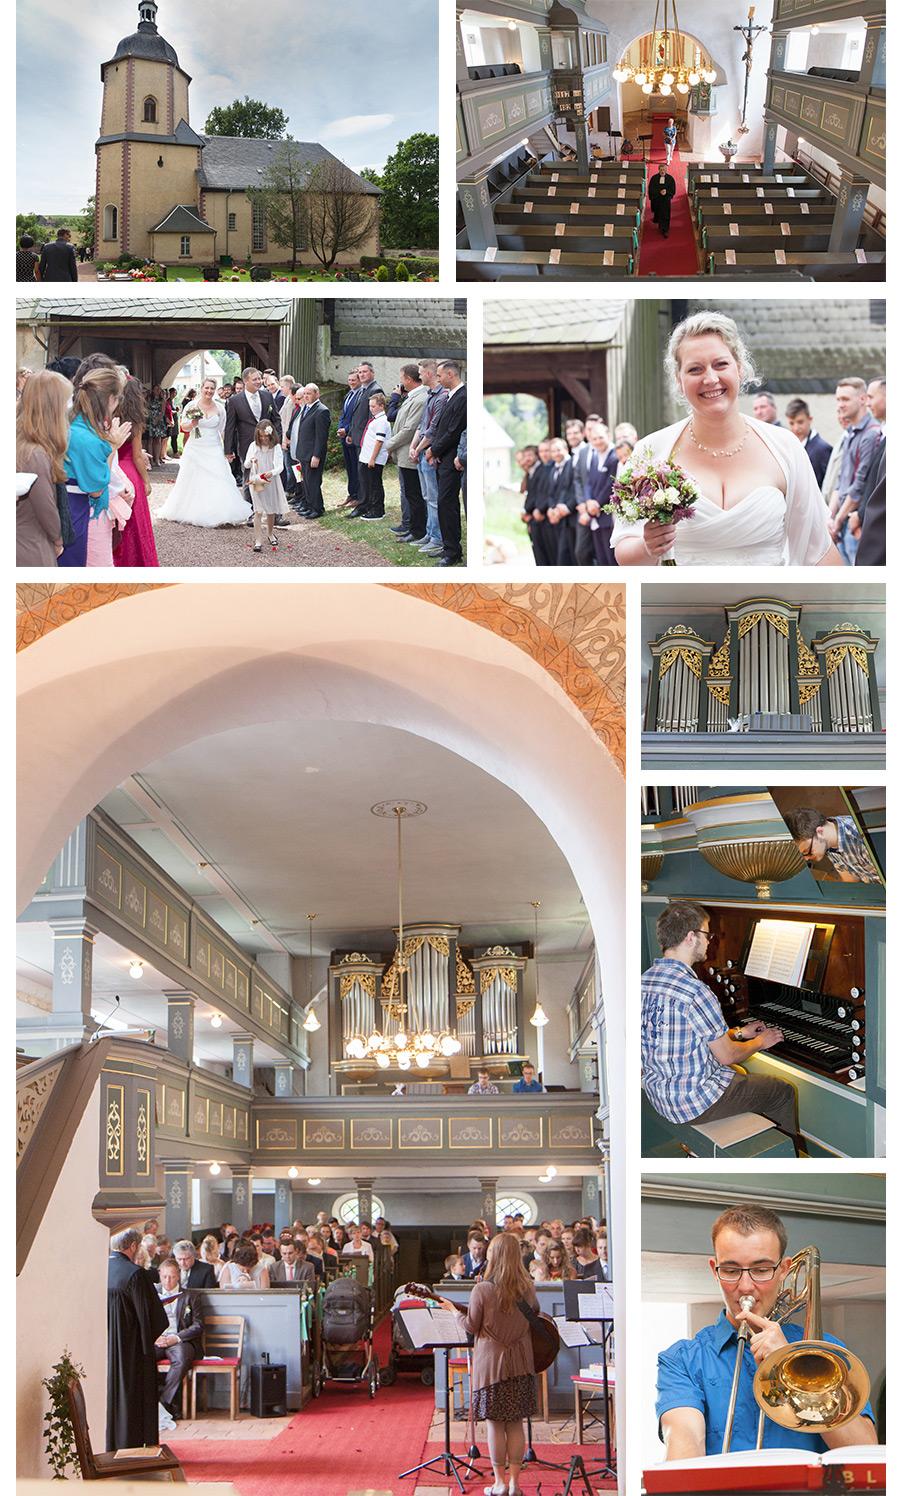 katholische Trauung in der Dorfkirche Zschocken bei Hartenstein - Hochzeitsfotograf Zwickau Stephanie Scharschmidt